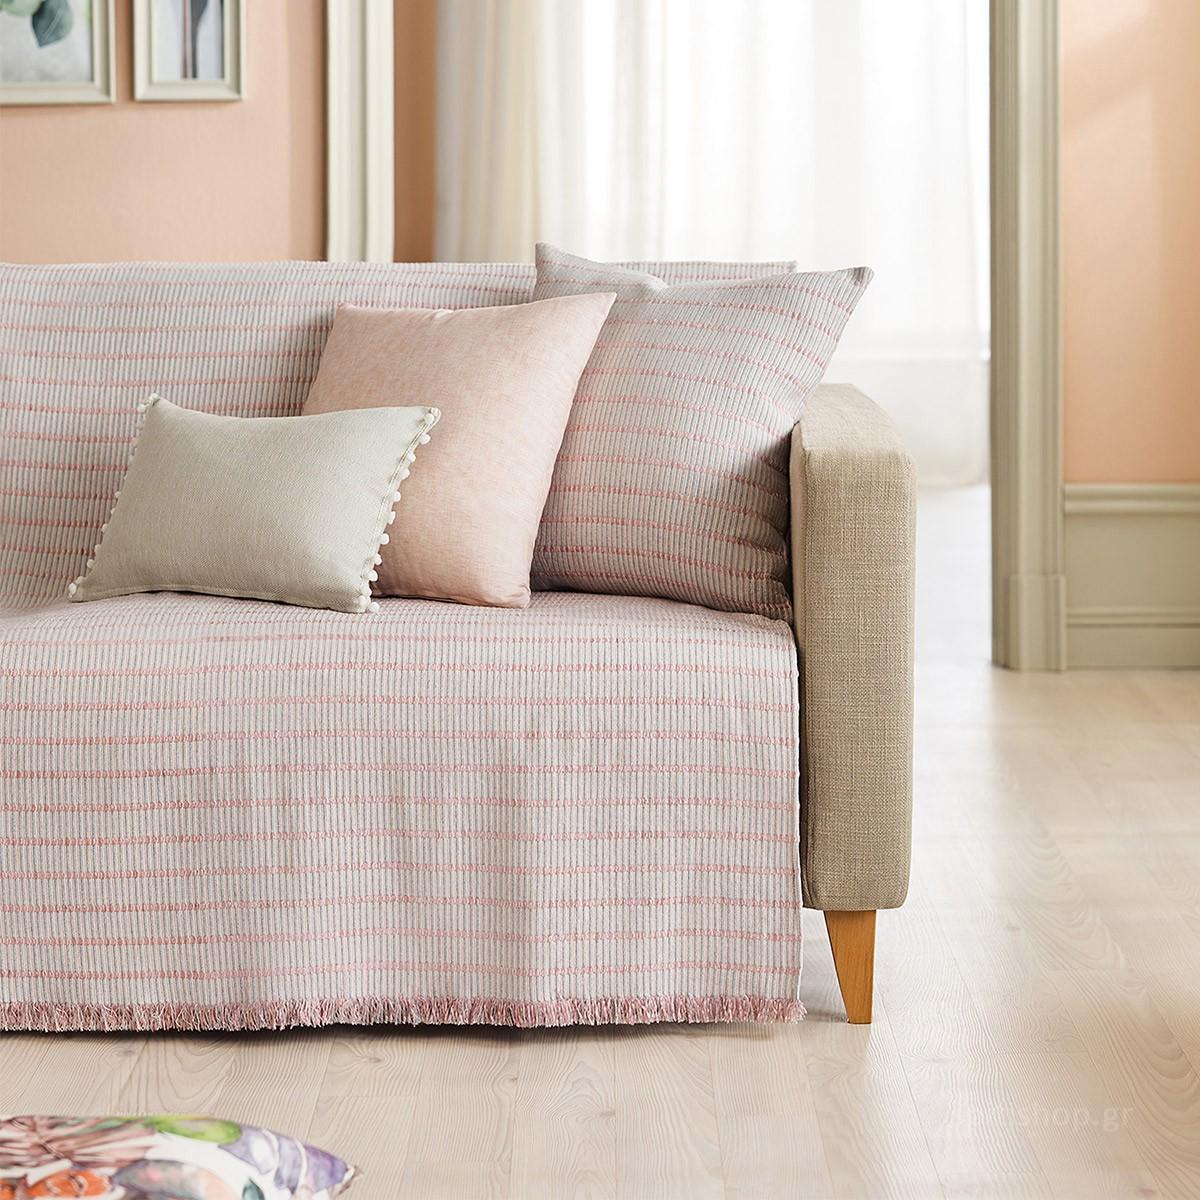 Ριχτάρι Τετραθέσιου (180×350) Gofis Home Solitaire Pink 476/17